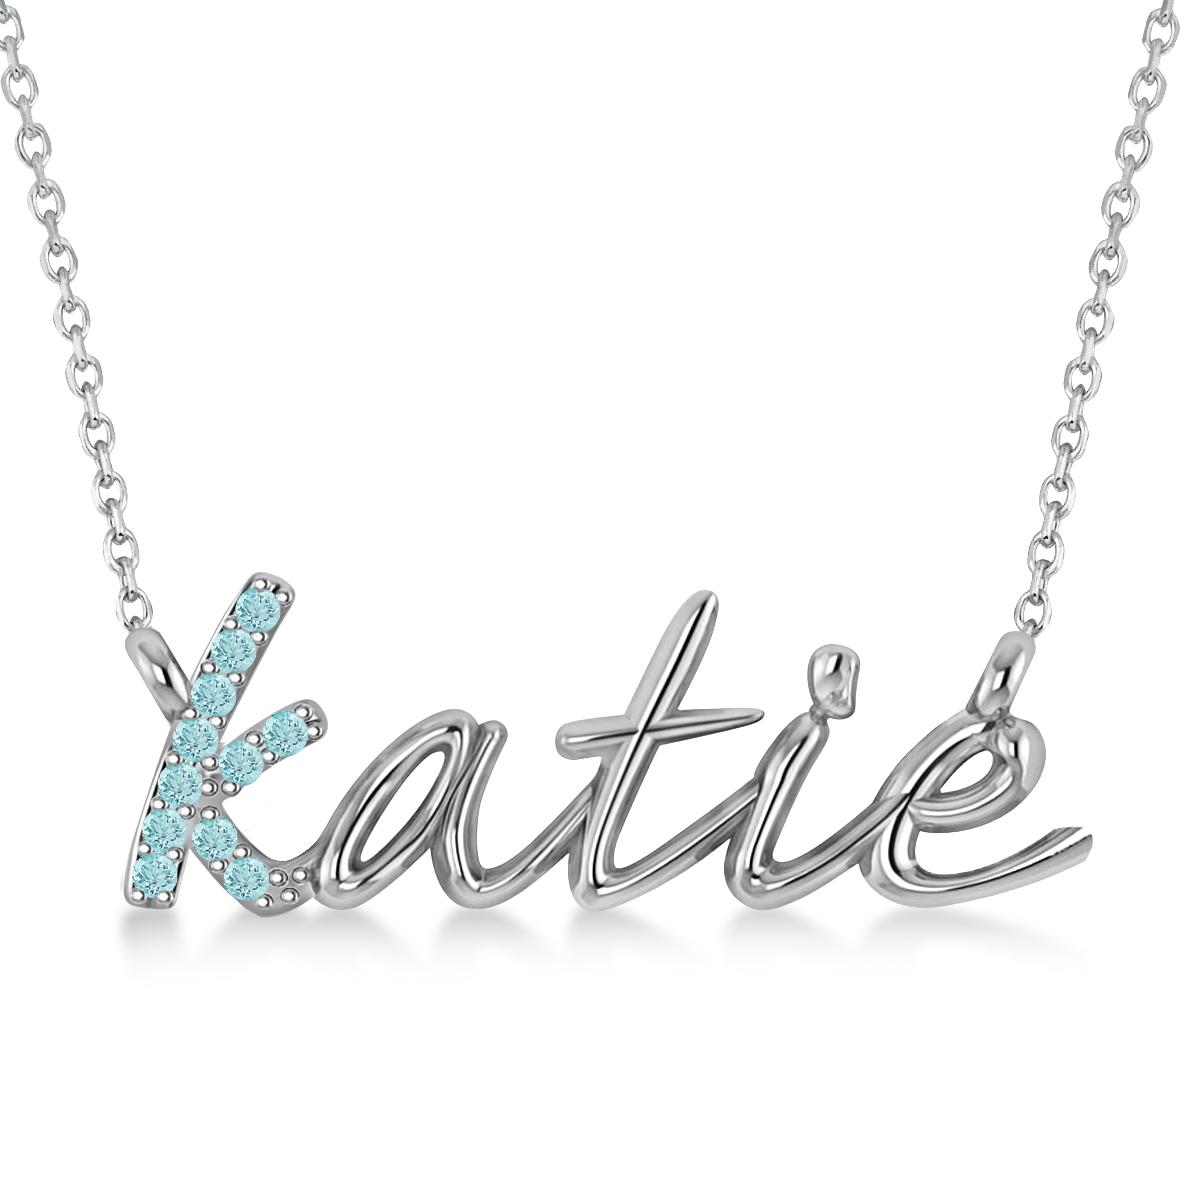 Personalized Aquamarine Nameplate Pendant Necklace 14k White Gold